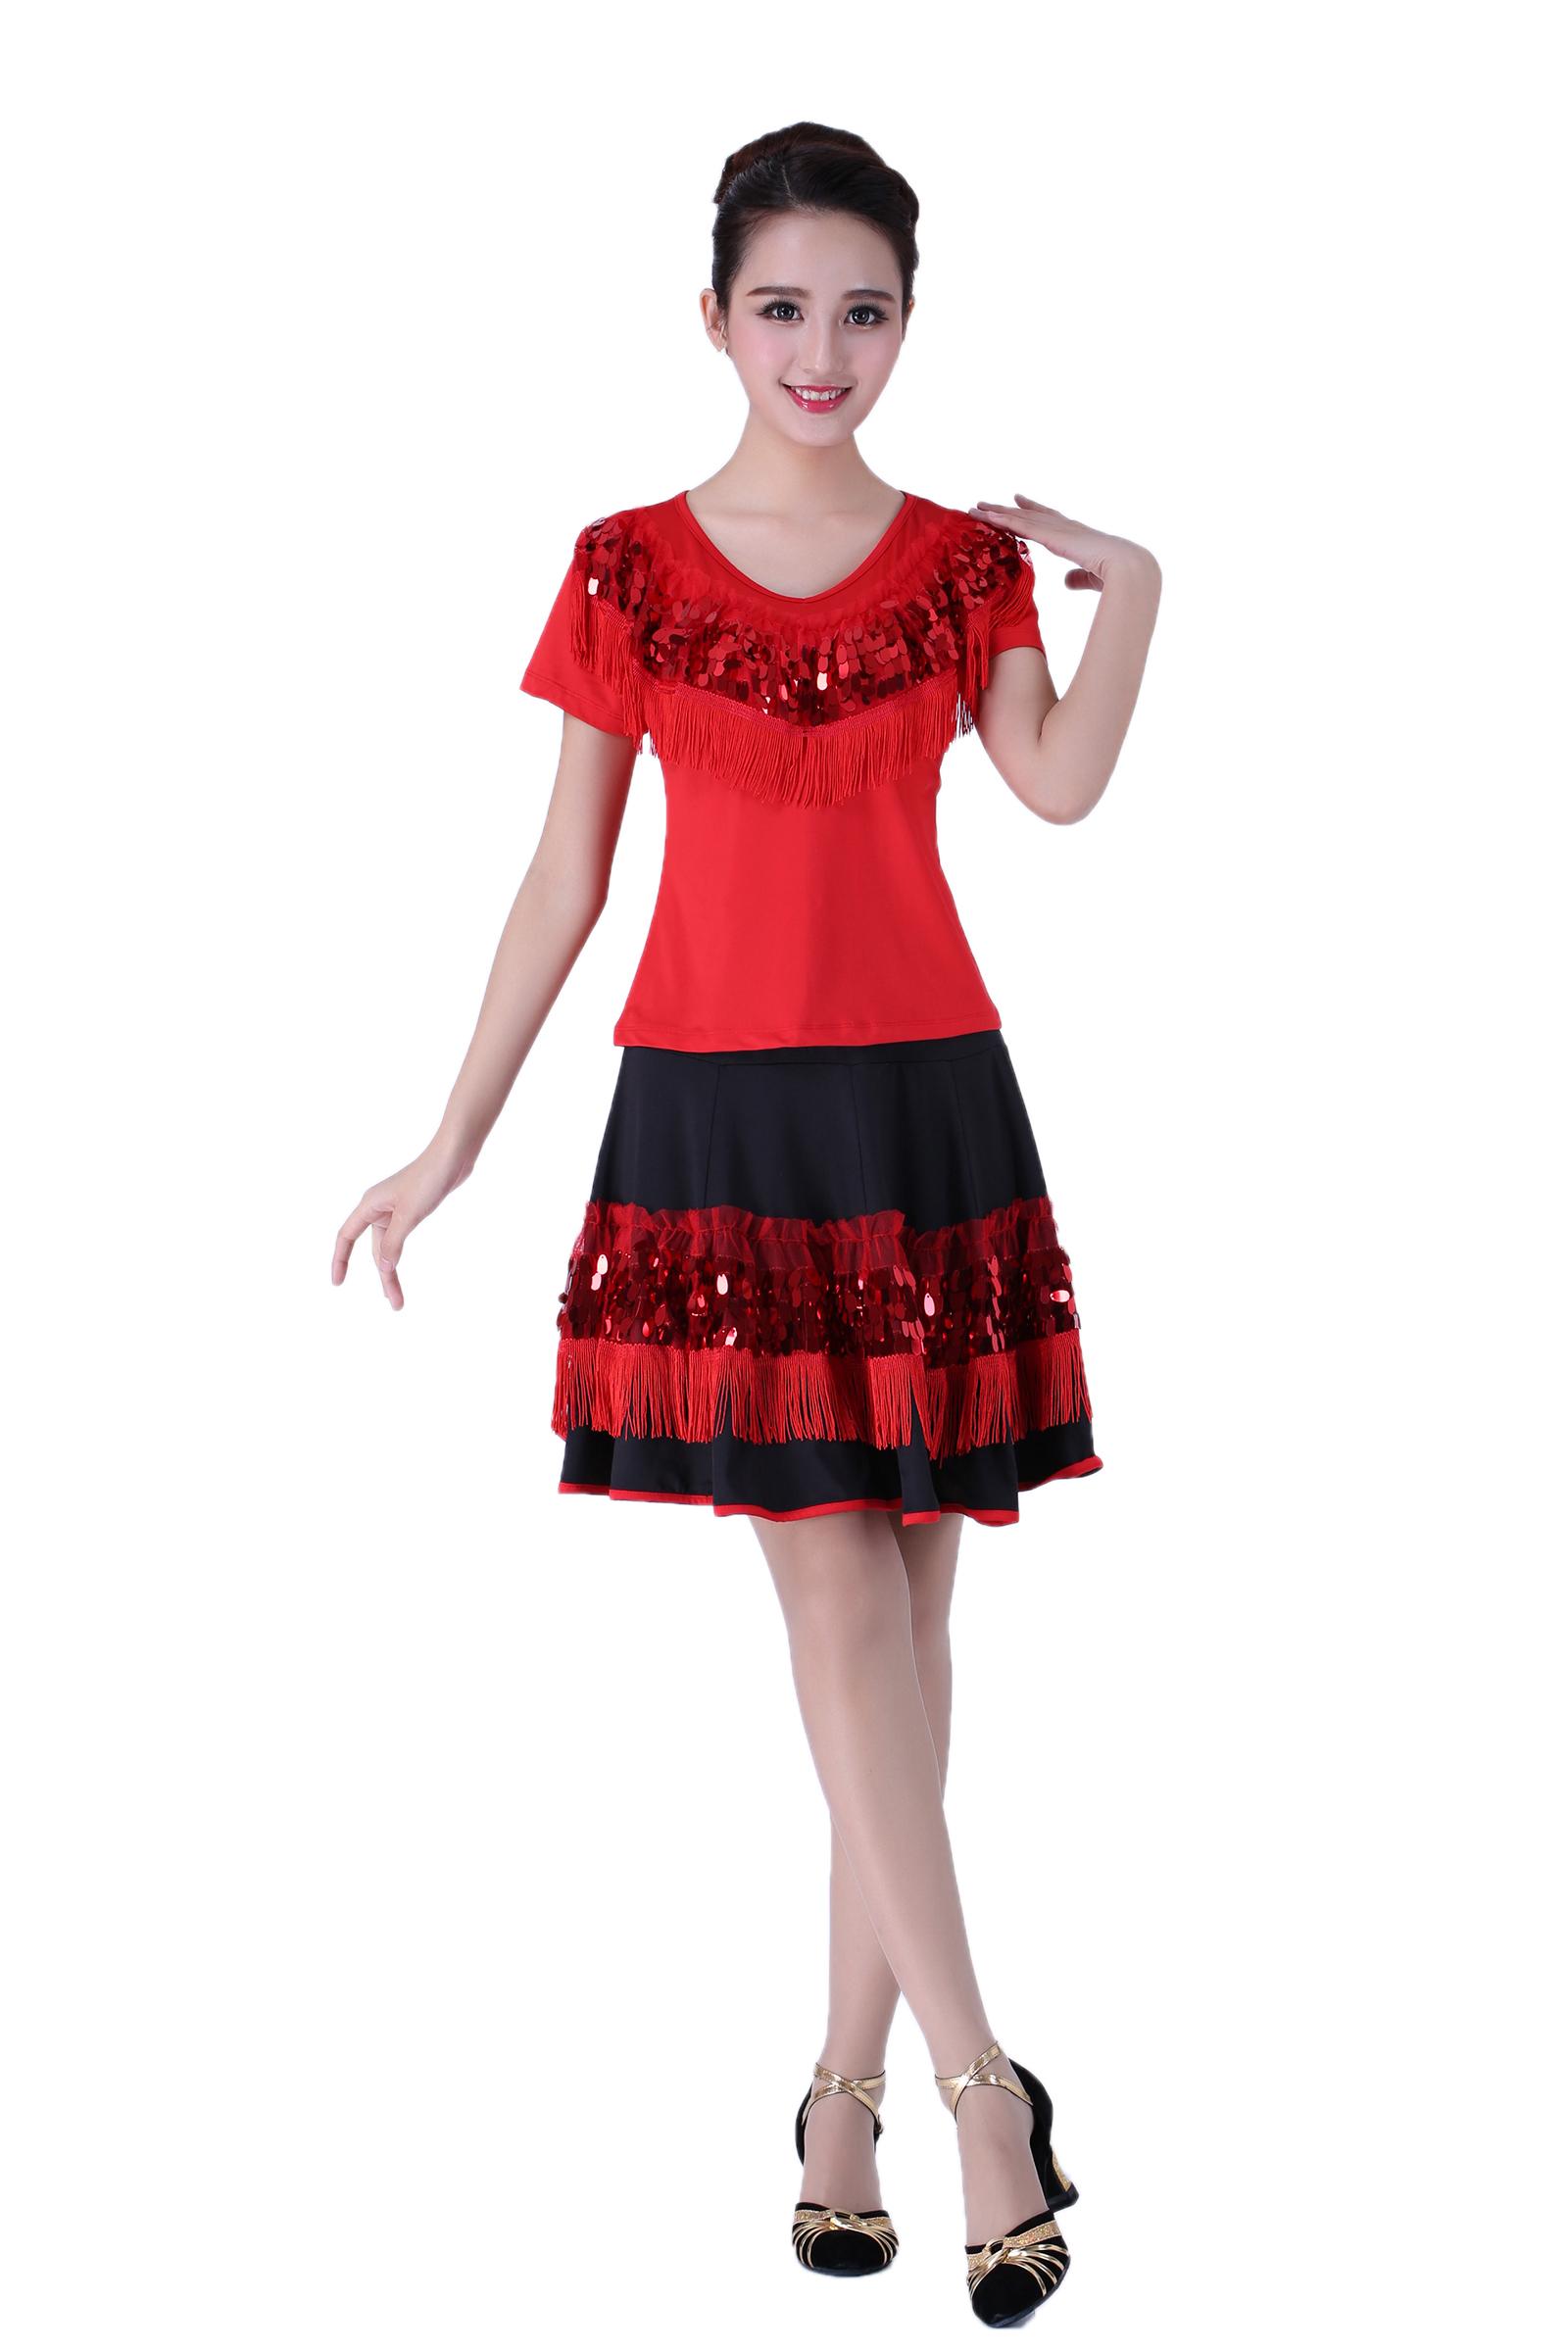 广场舞服装新款拉丁舞套装中老年夏表演服大红色流苏亮片套装